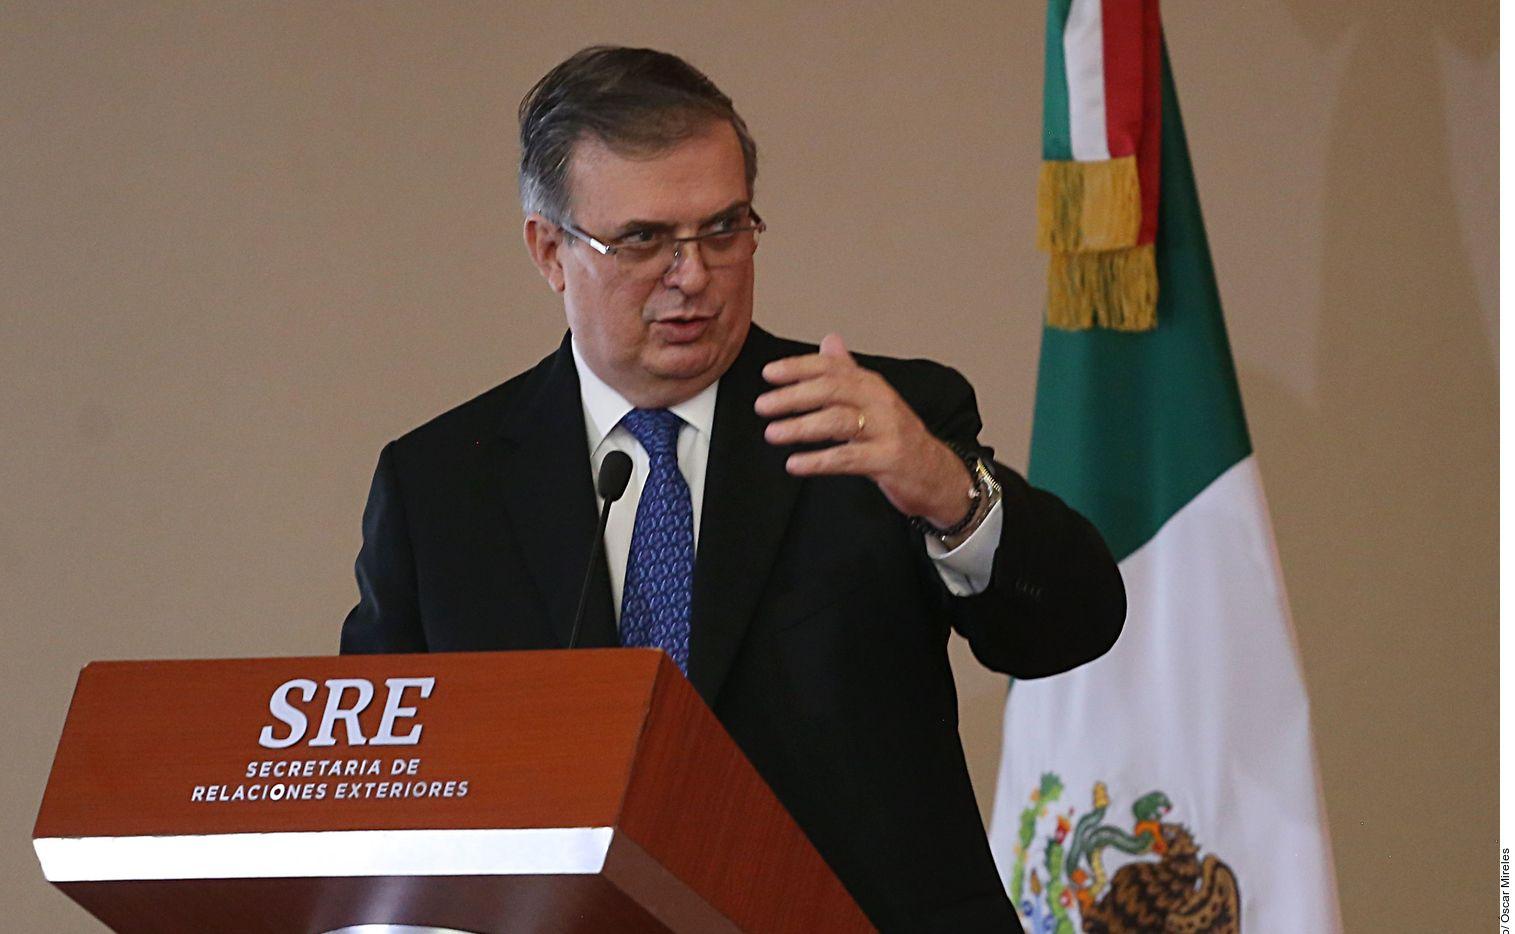 El secretario de Relaciones Exteriores de México, Marcelo Ebrard, se habría destapado como precandidato a la presidencia, en un evento privado reciente.